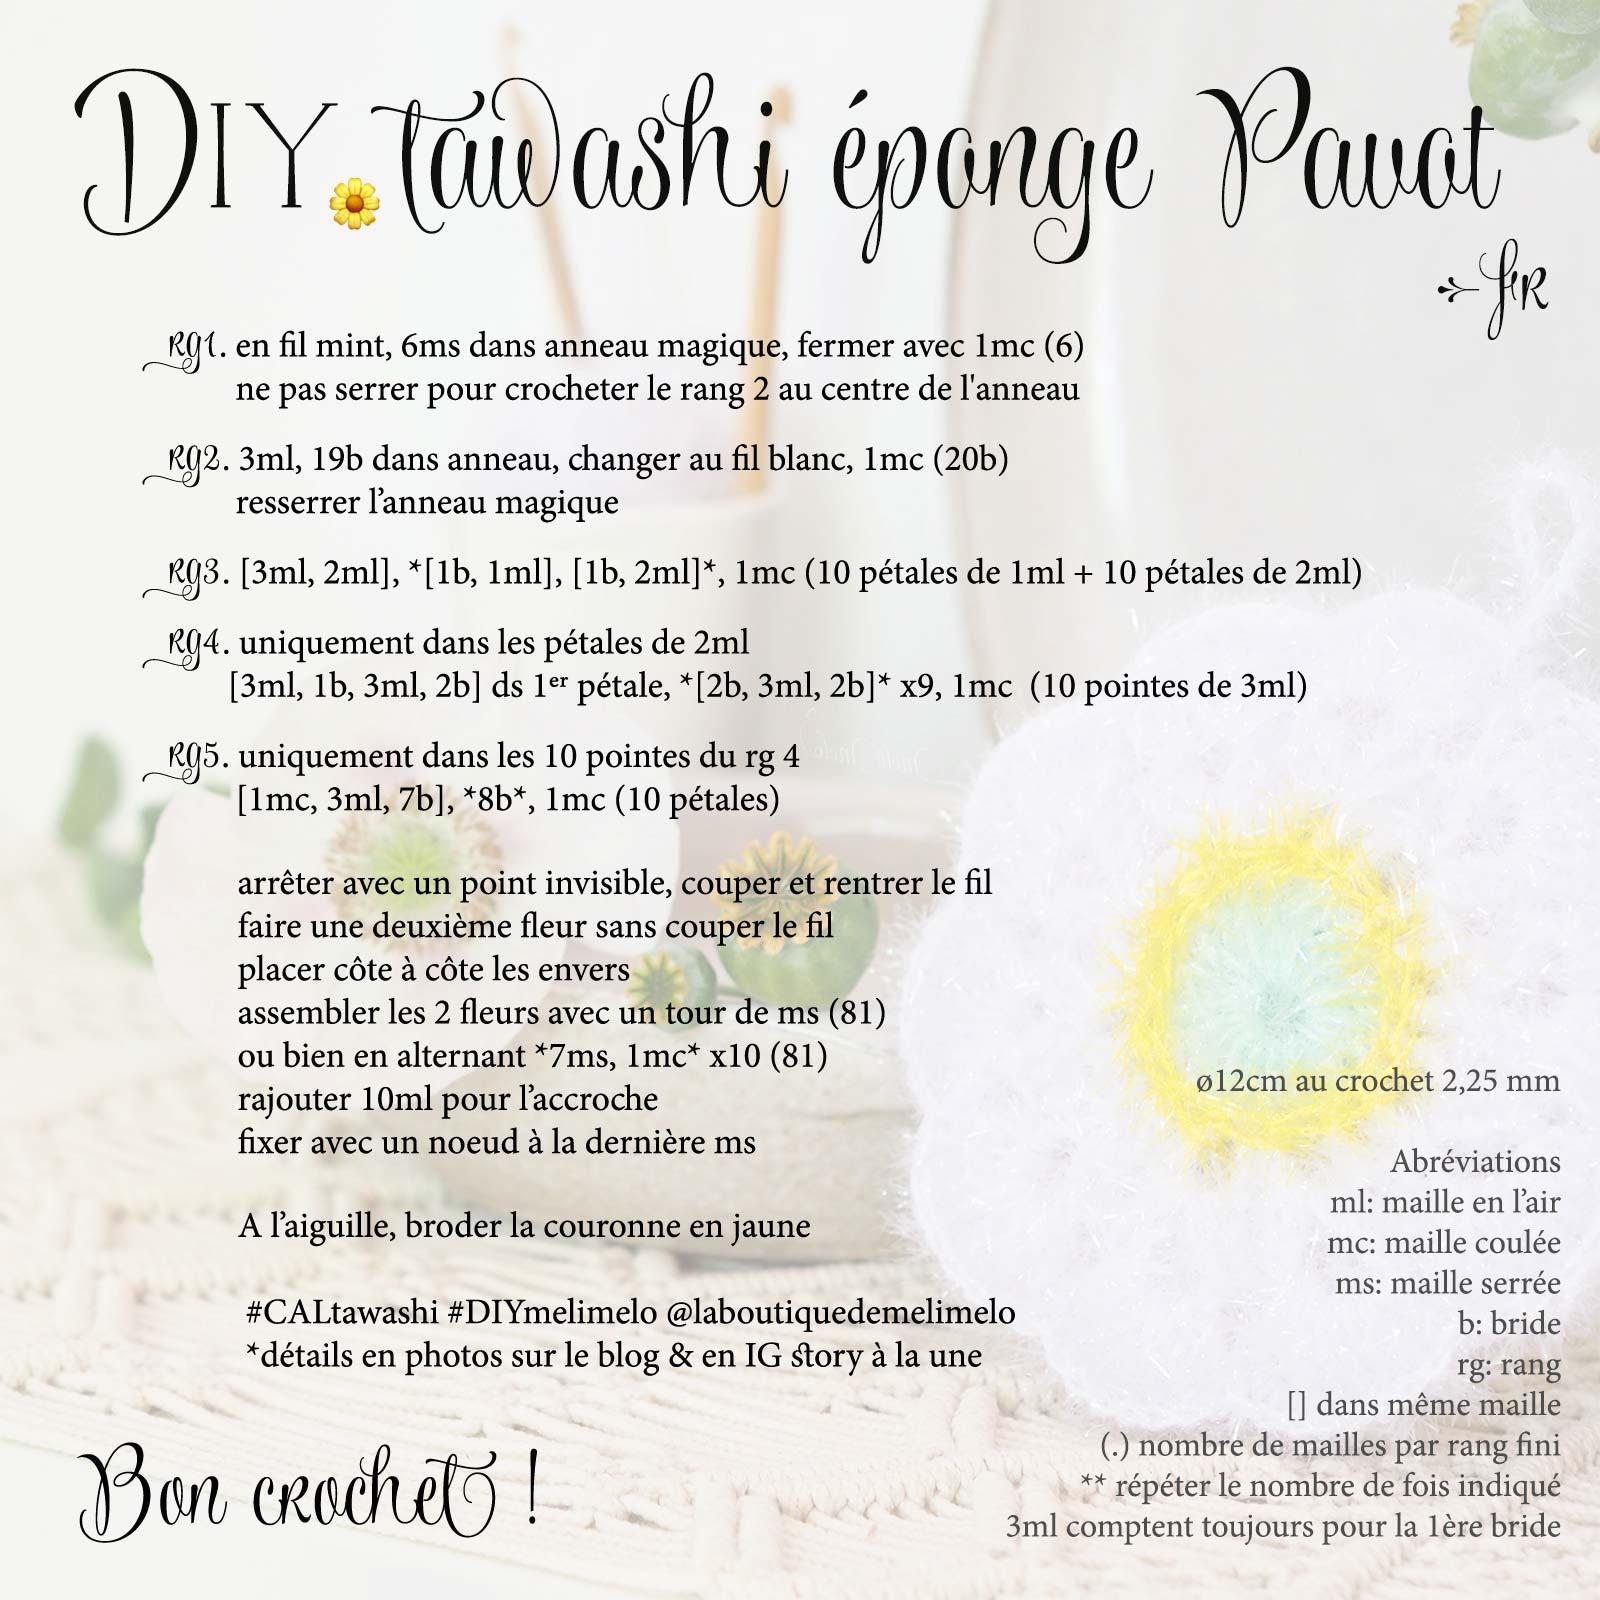 éponge durable tutoriel crochet fleur pavot tawashi Creative Bubble upcycling laboutiquedemelimelo